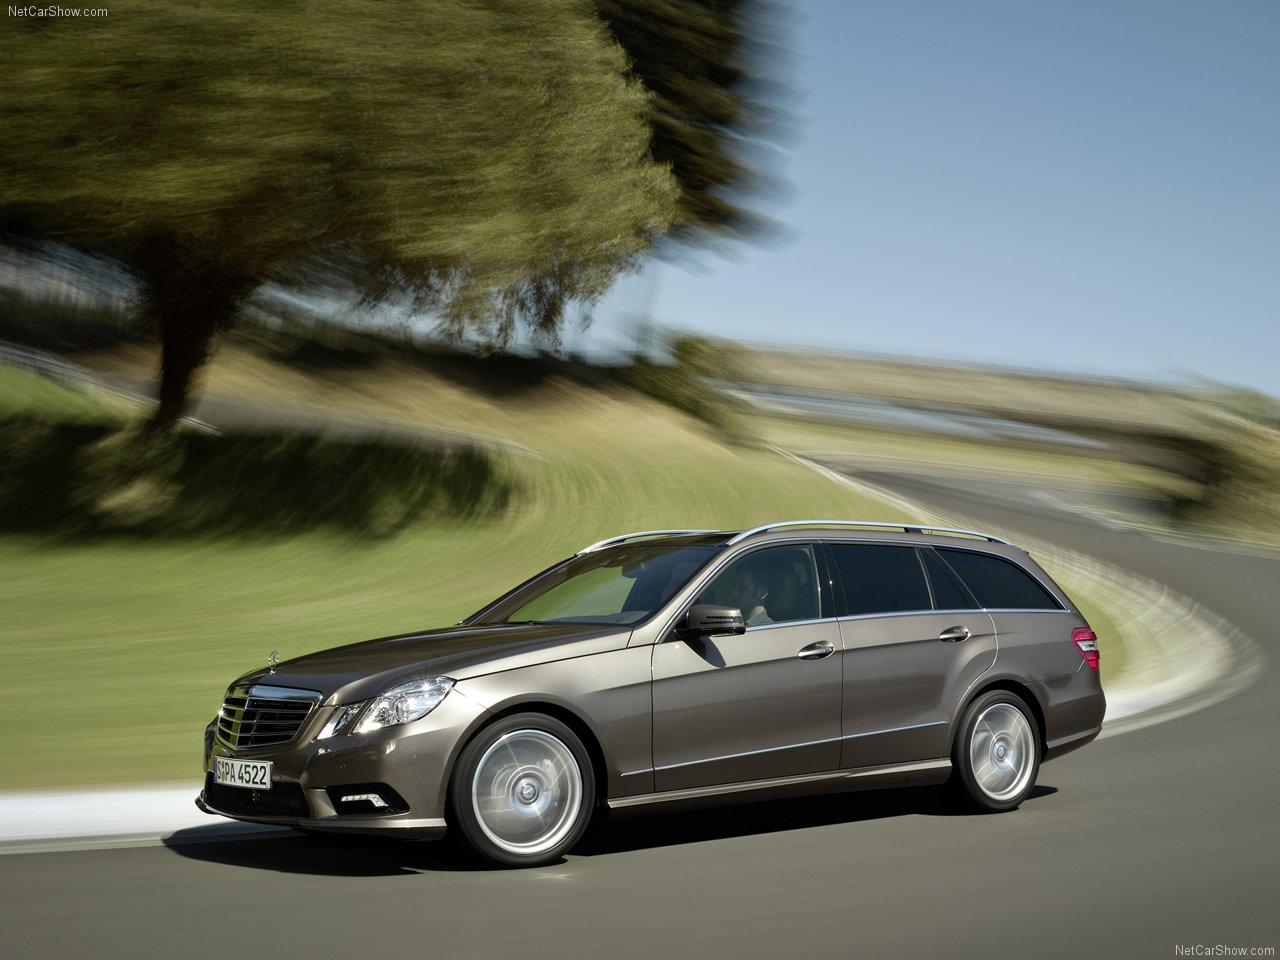 http://4.bp.blogspot.com/-IN2YoerbQgk/TWX7_WofbAI/AAAAAAACK5I/qDBiqfN9Dc4/s1600/Mercedes-Benz-E-Class_Estate_AMG_Sports_Package_2010_1280x960_wallpaper_01.jpg